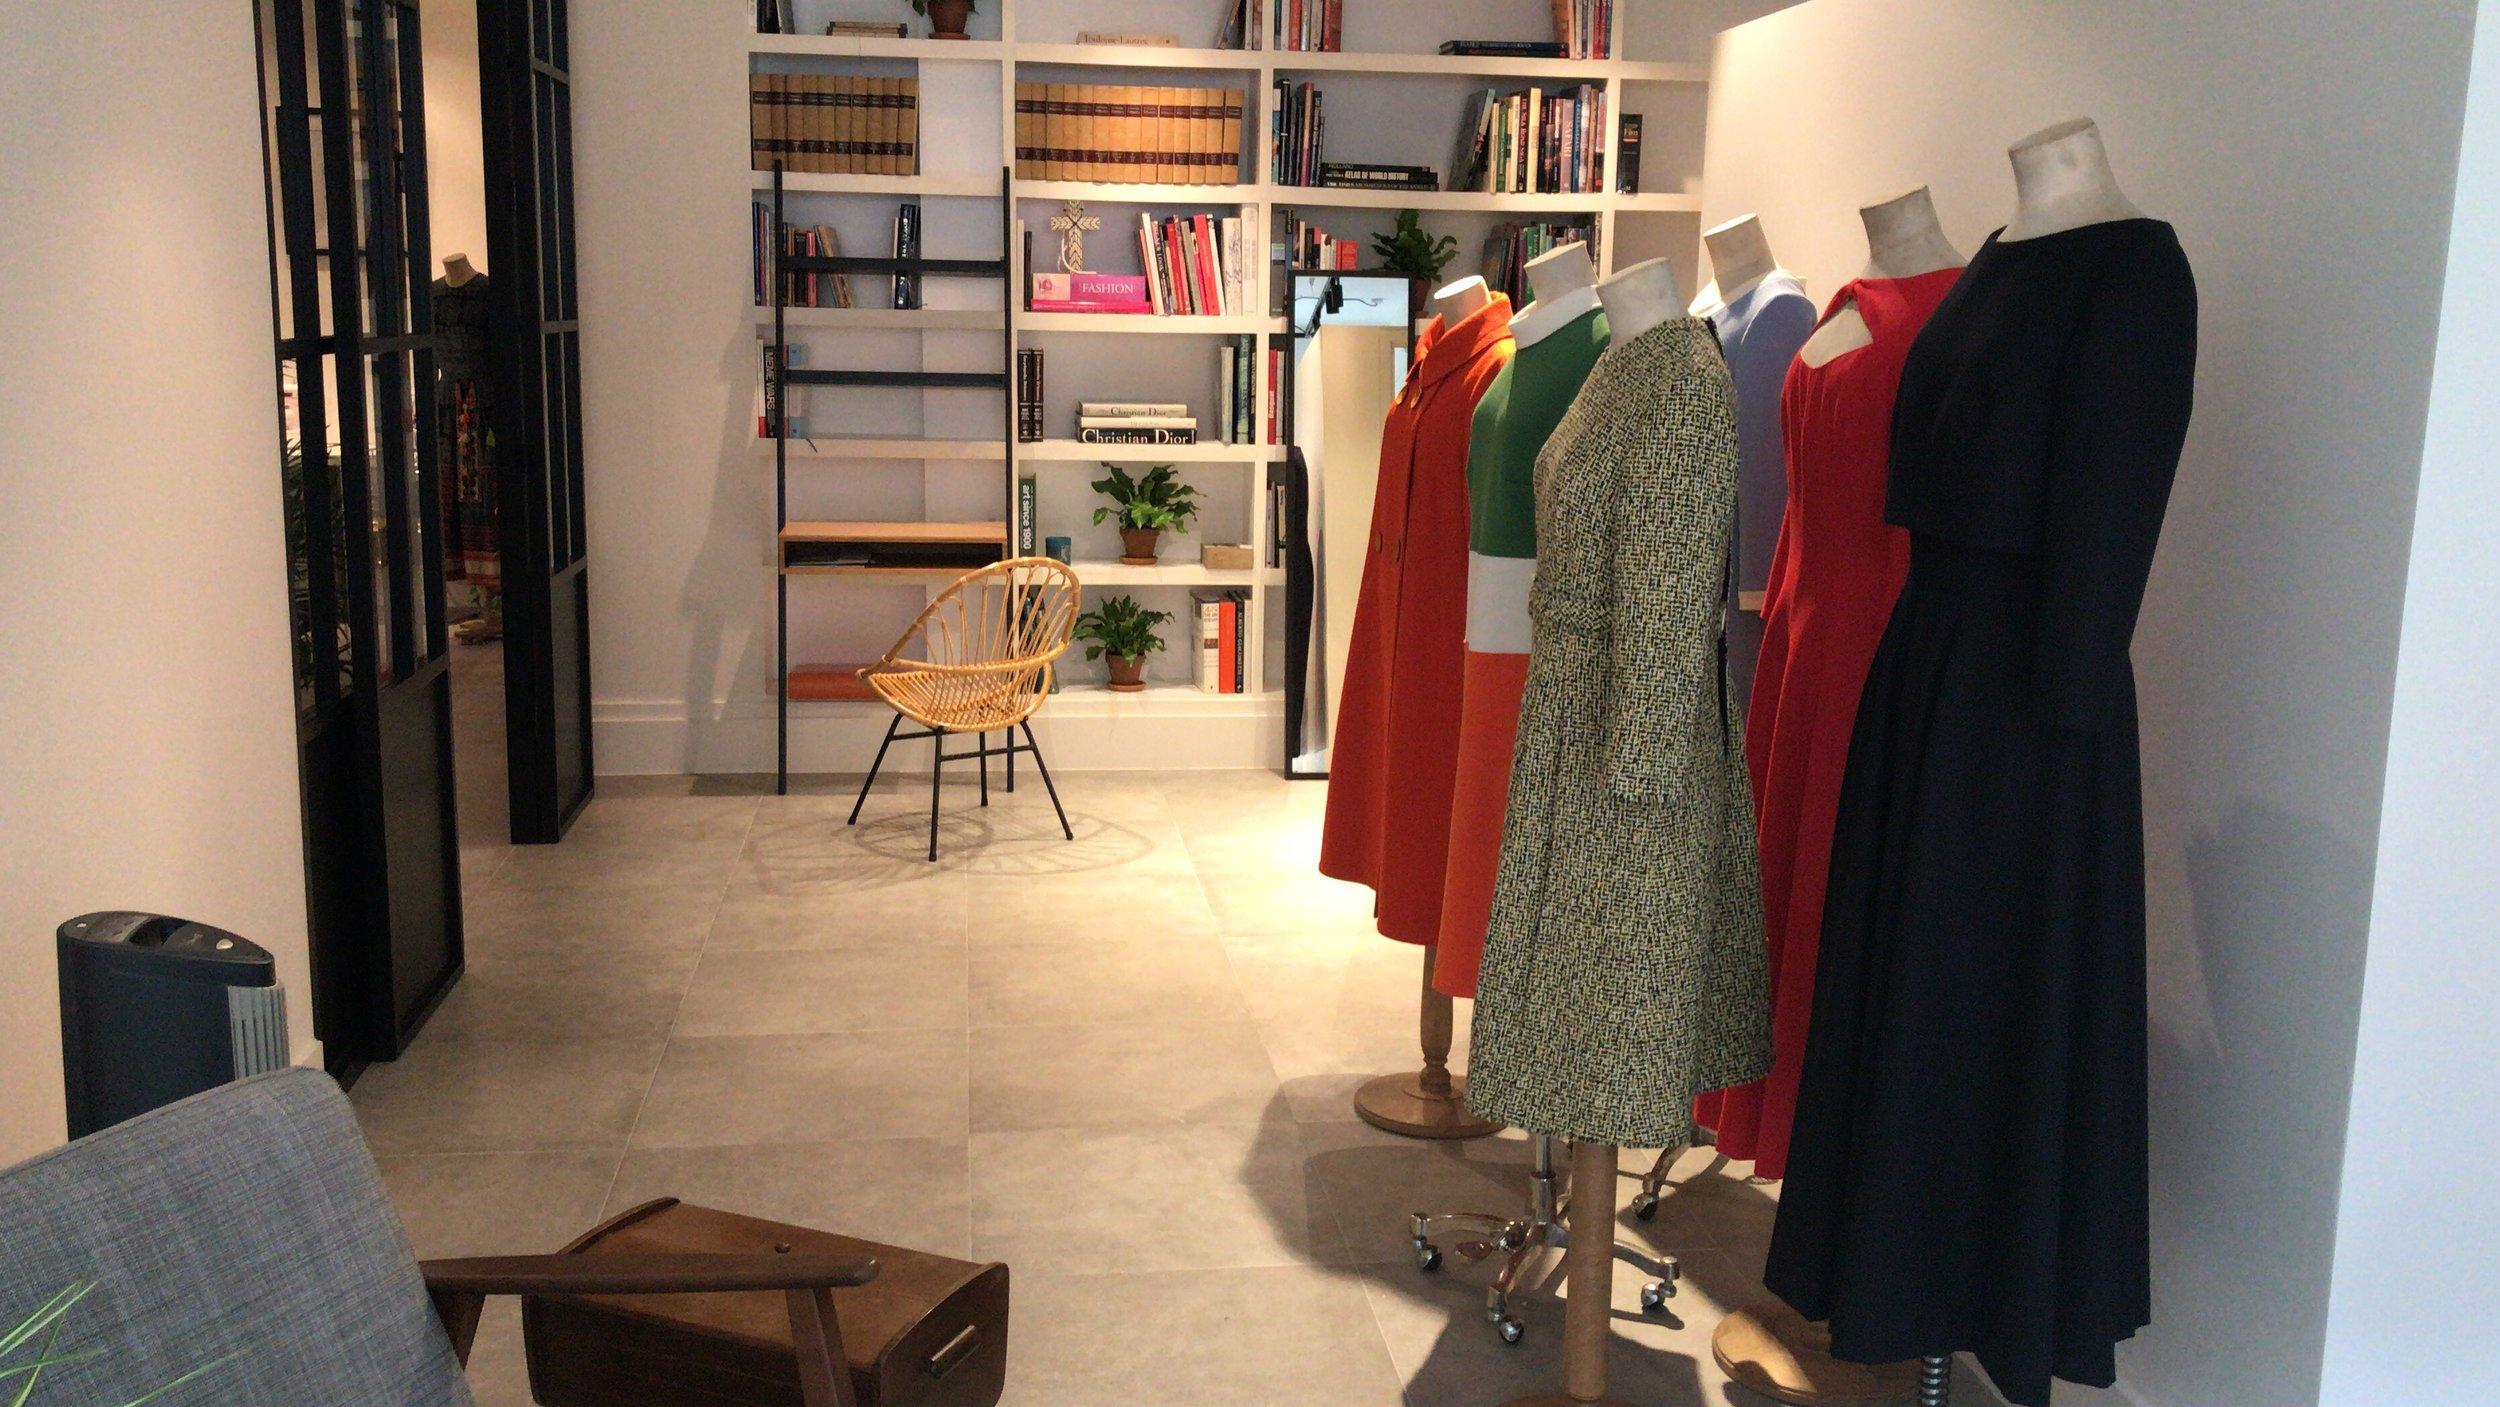 Studio dress image.jpg